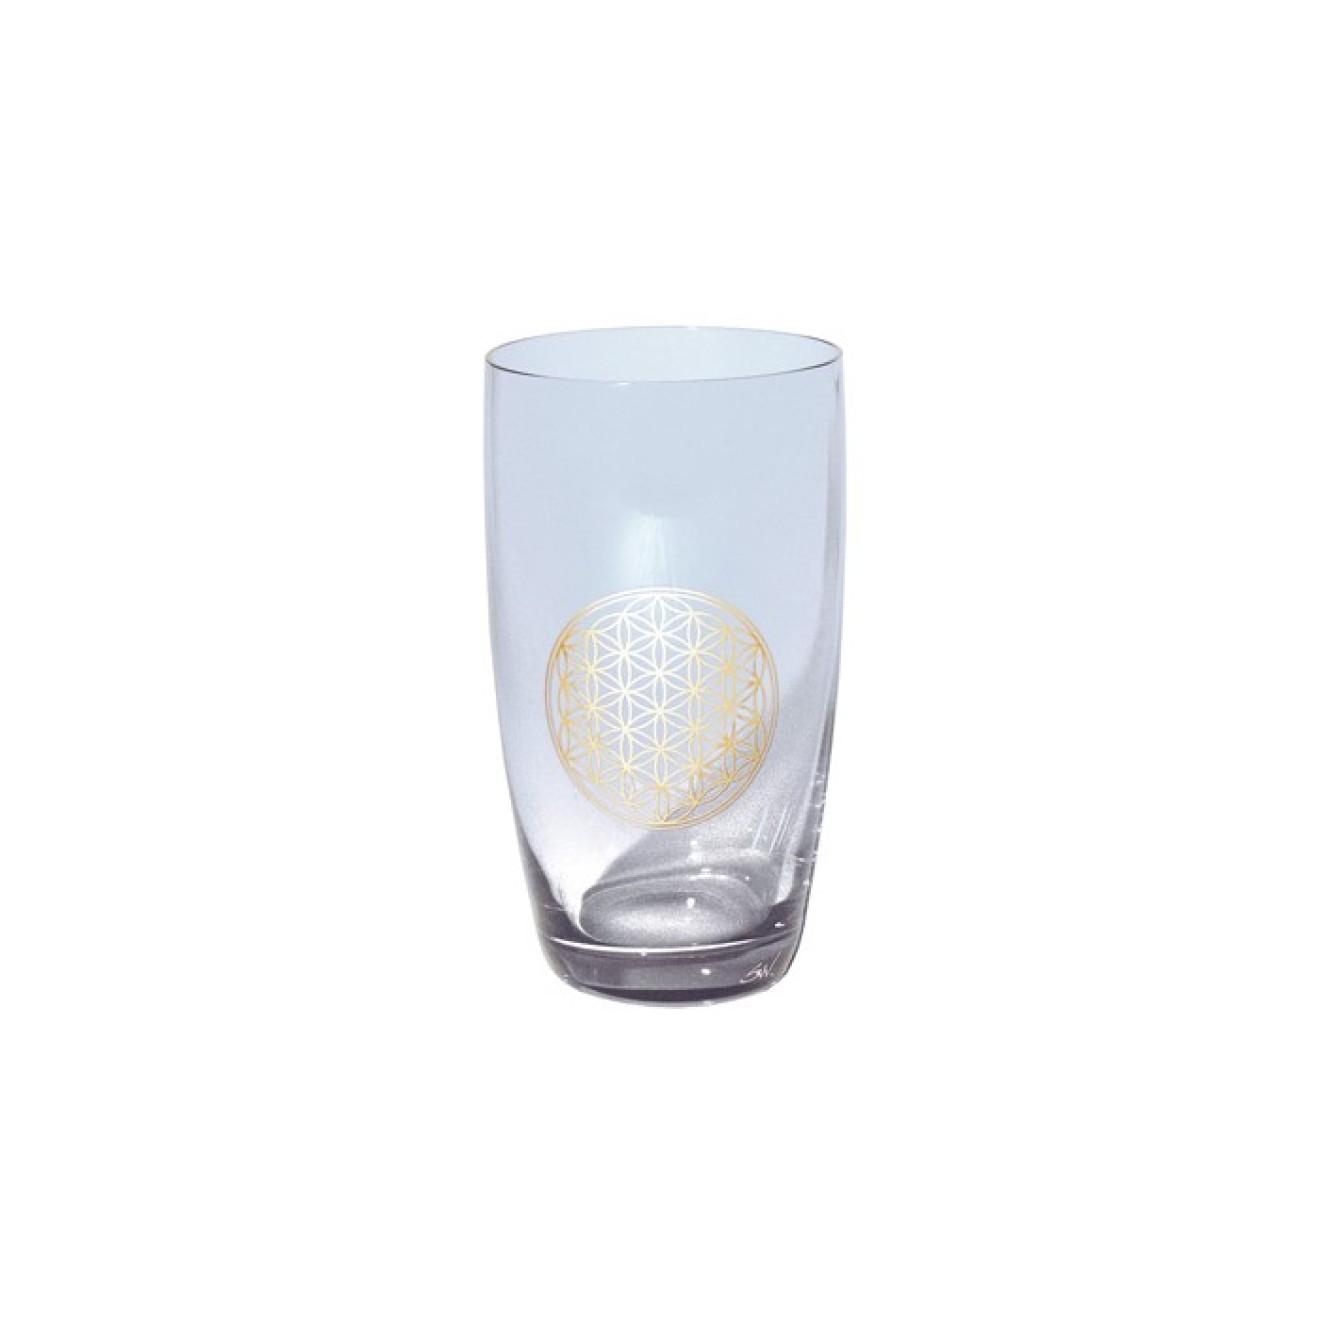 glas mit blume des lebens 24k 0 2 l energie und leben innovative gesundheit feetup. Black Bedroom Furniture Sets. Home Design Ideas